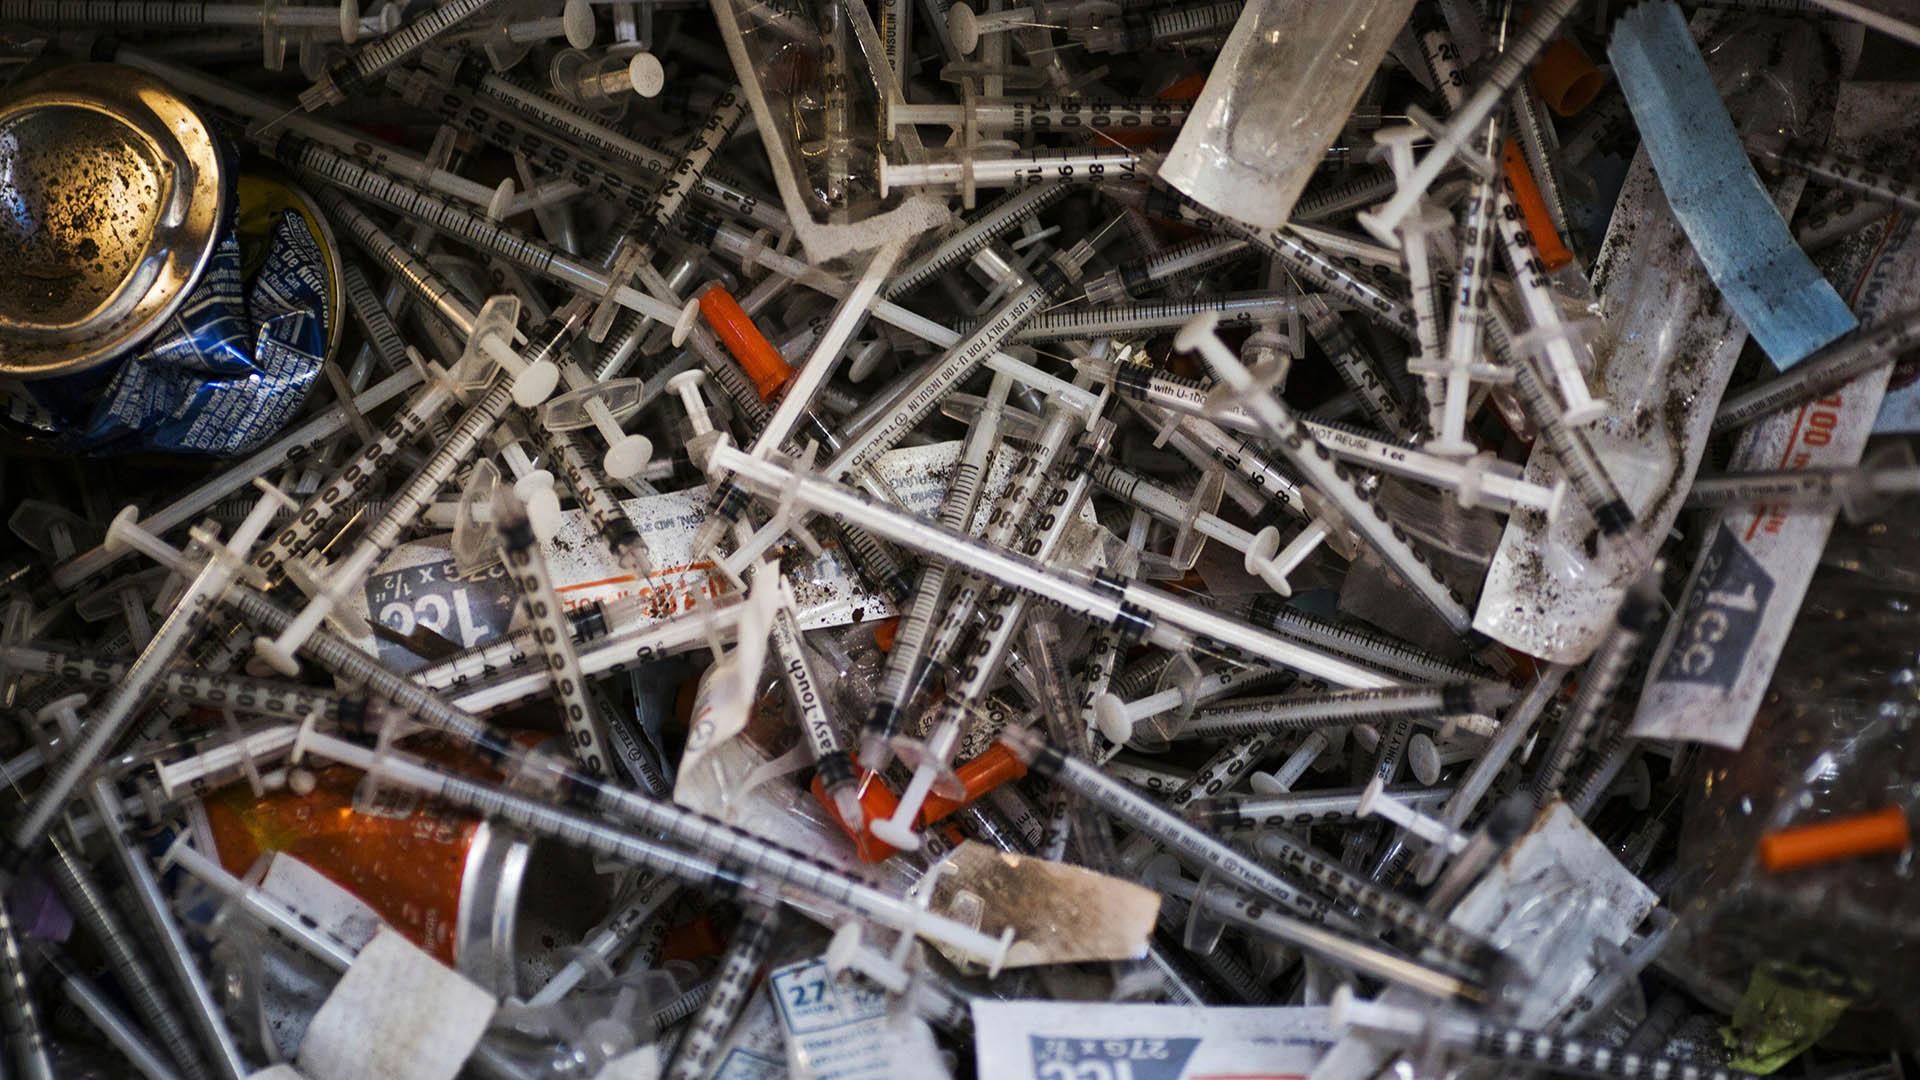 Muchos usuarios remueven la aguja para evitar que las jeringas sean reutilizadas o que causen un accidente. Los trabajadores de limpieza realizan chequeos rutinarios de VIH y otras enfermedades